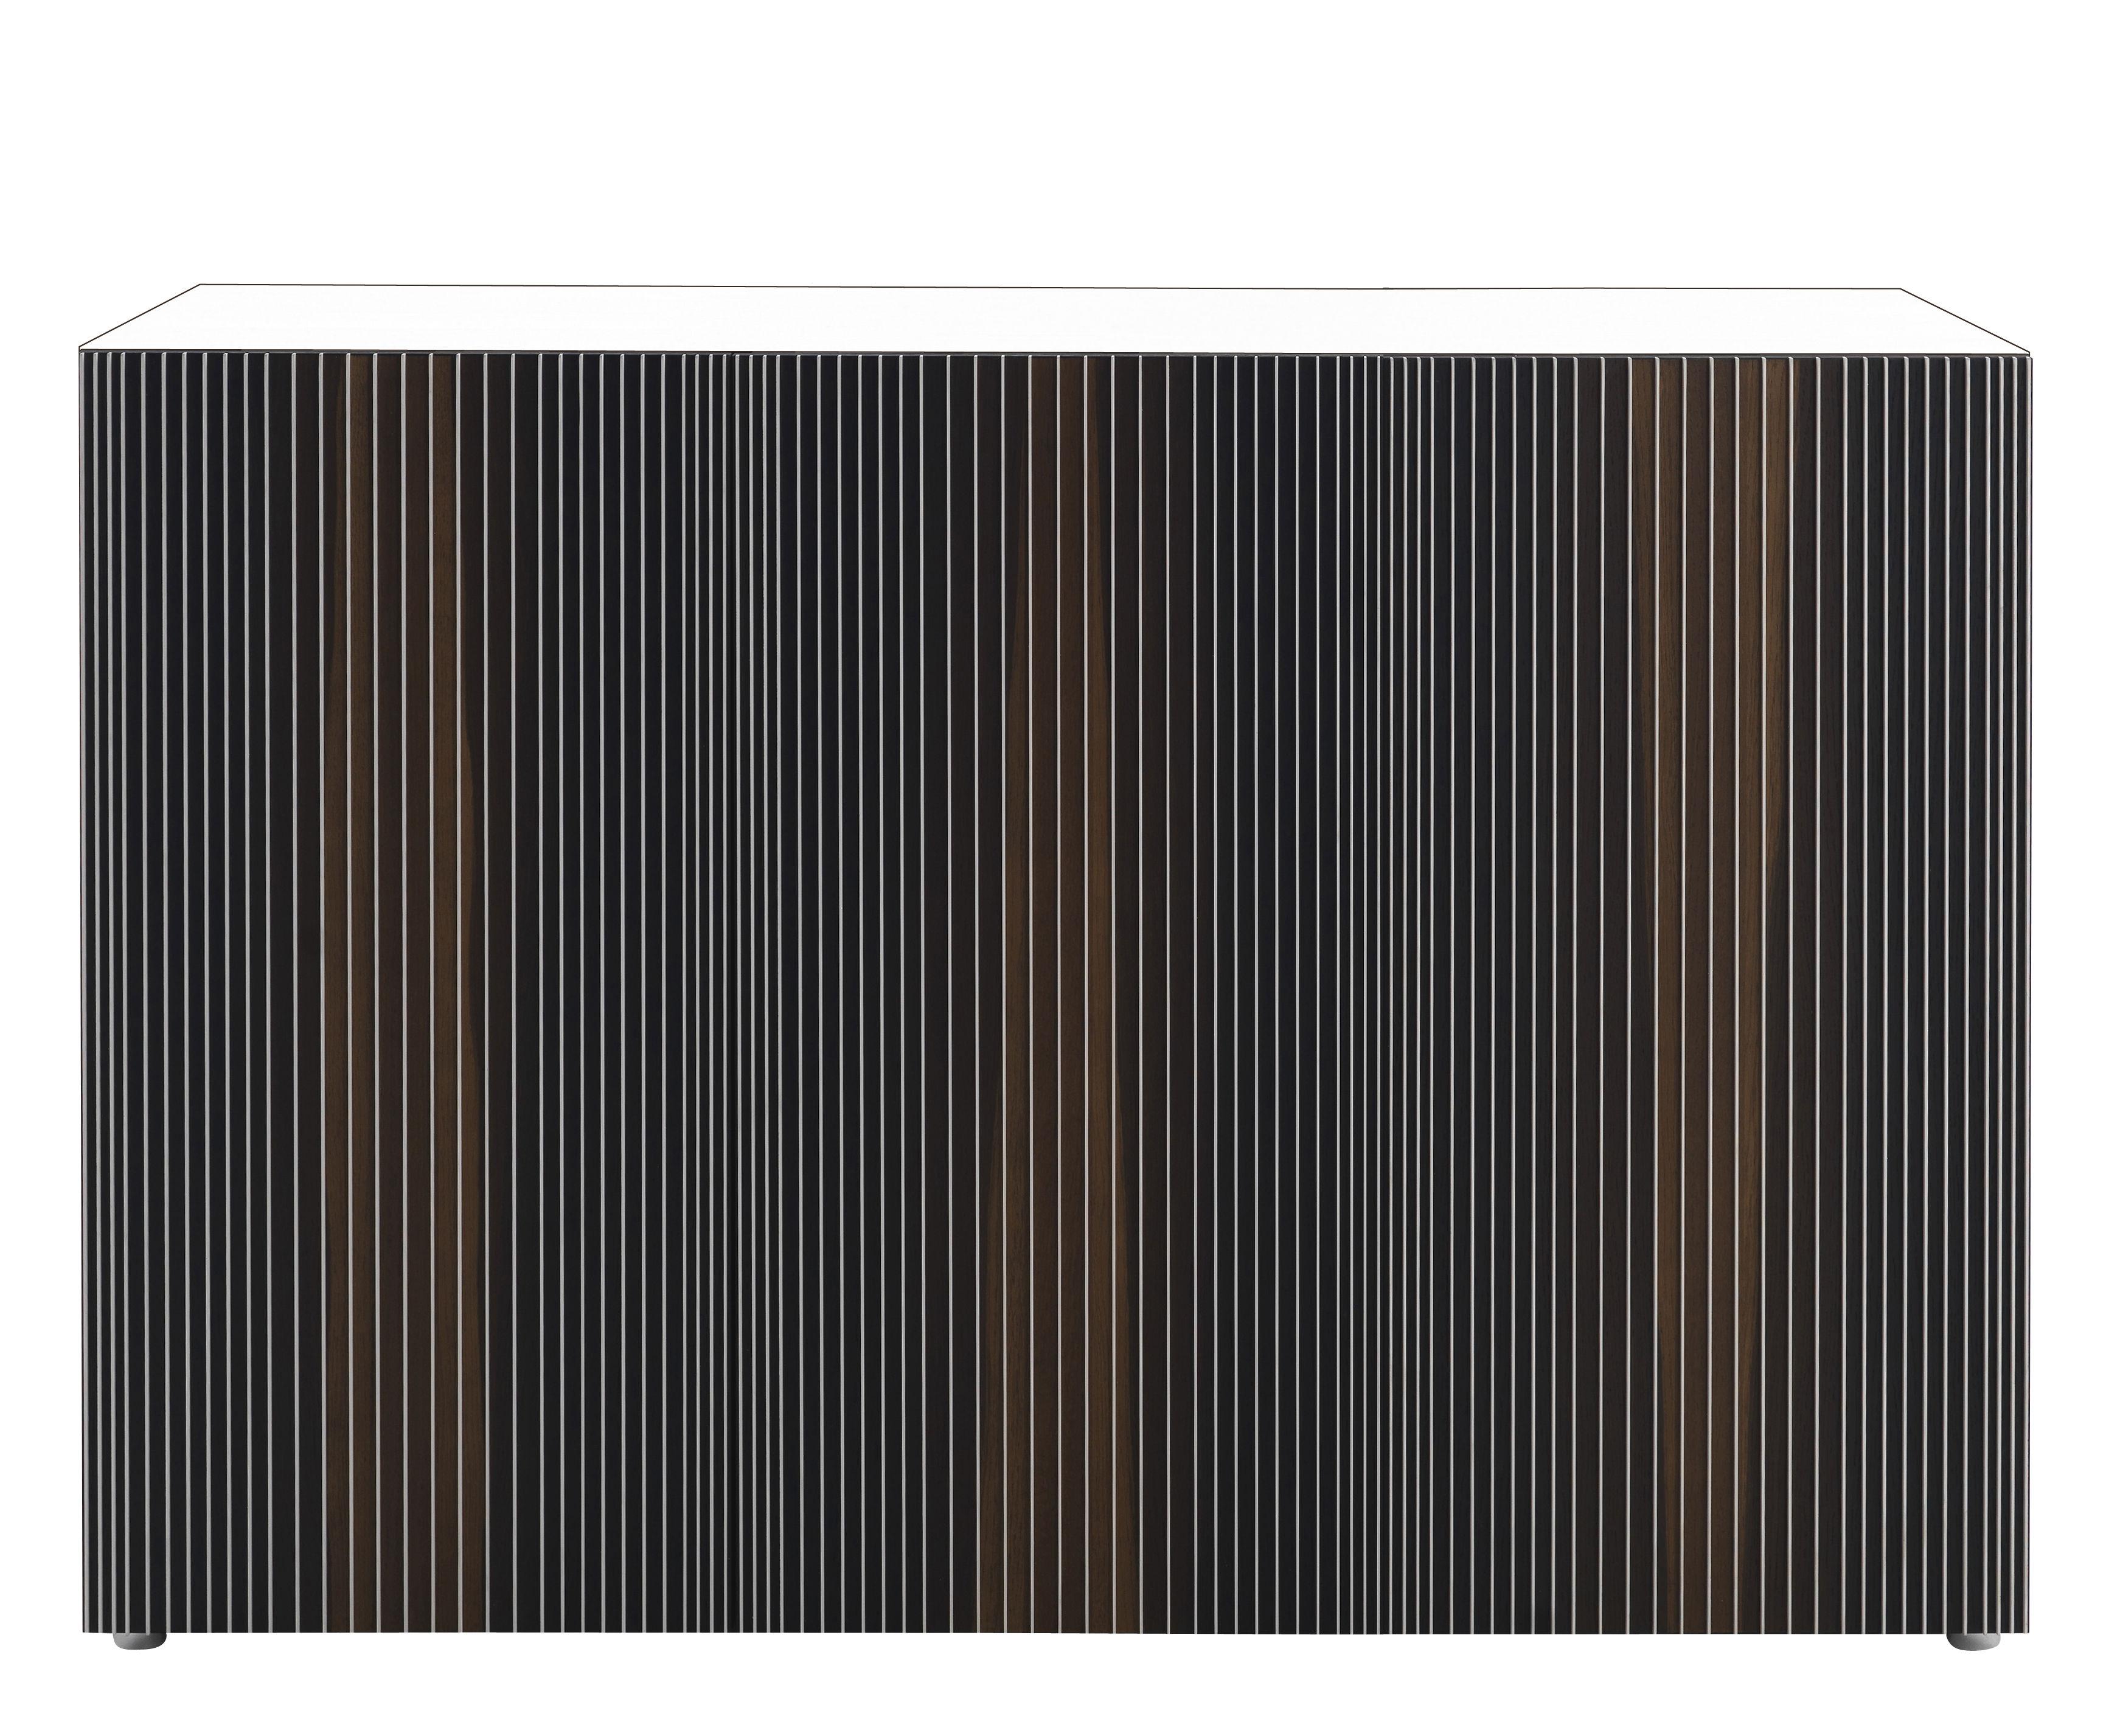 Möbel - Kommode und Anrichte - Carlos Anrichte / 3 Türen - L 144 cm x H 66 cm - Horm - Weiß / Türen mehrfarbig - Chêne thermotraité, Lamifié, Melamin